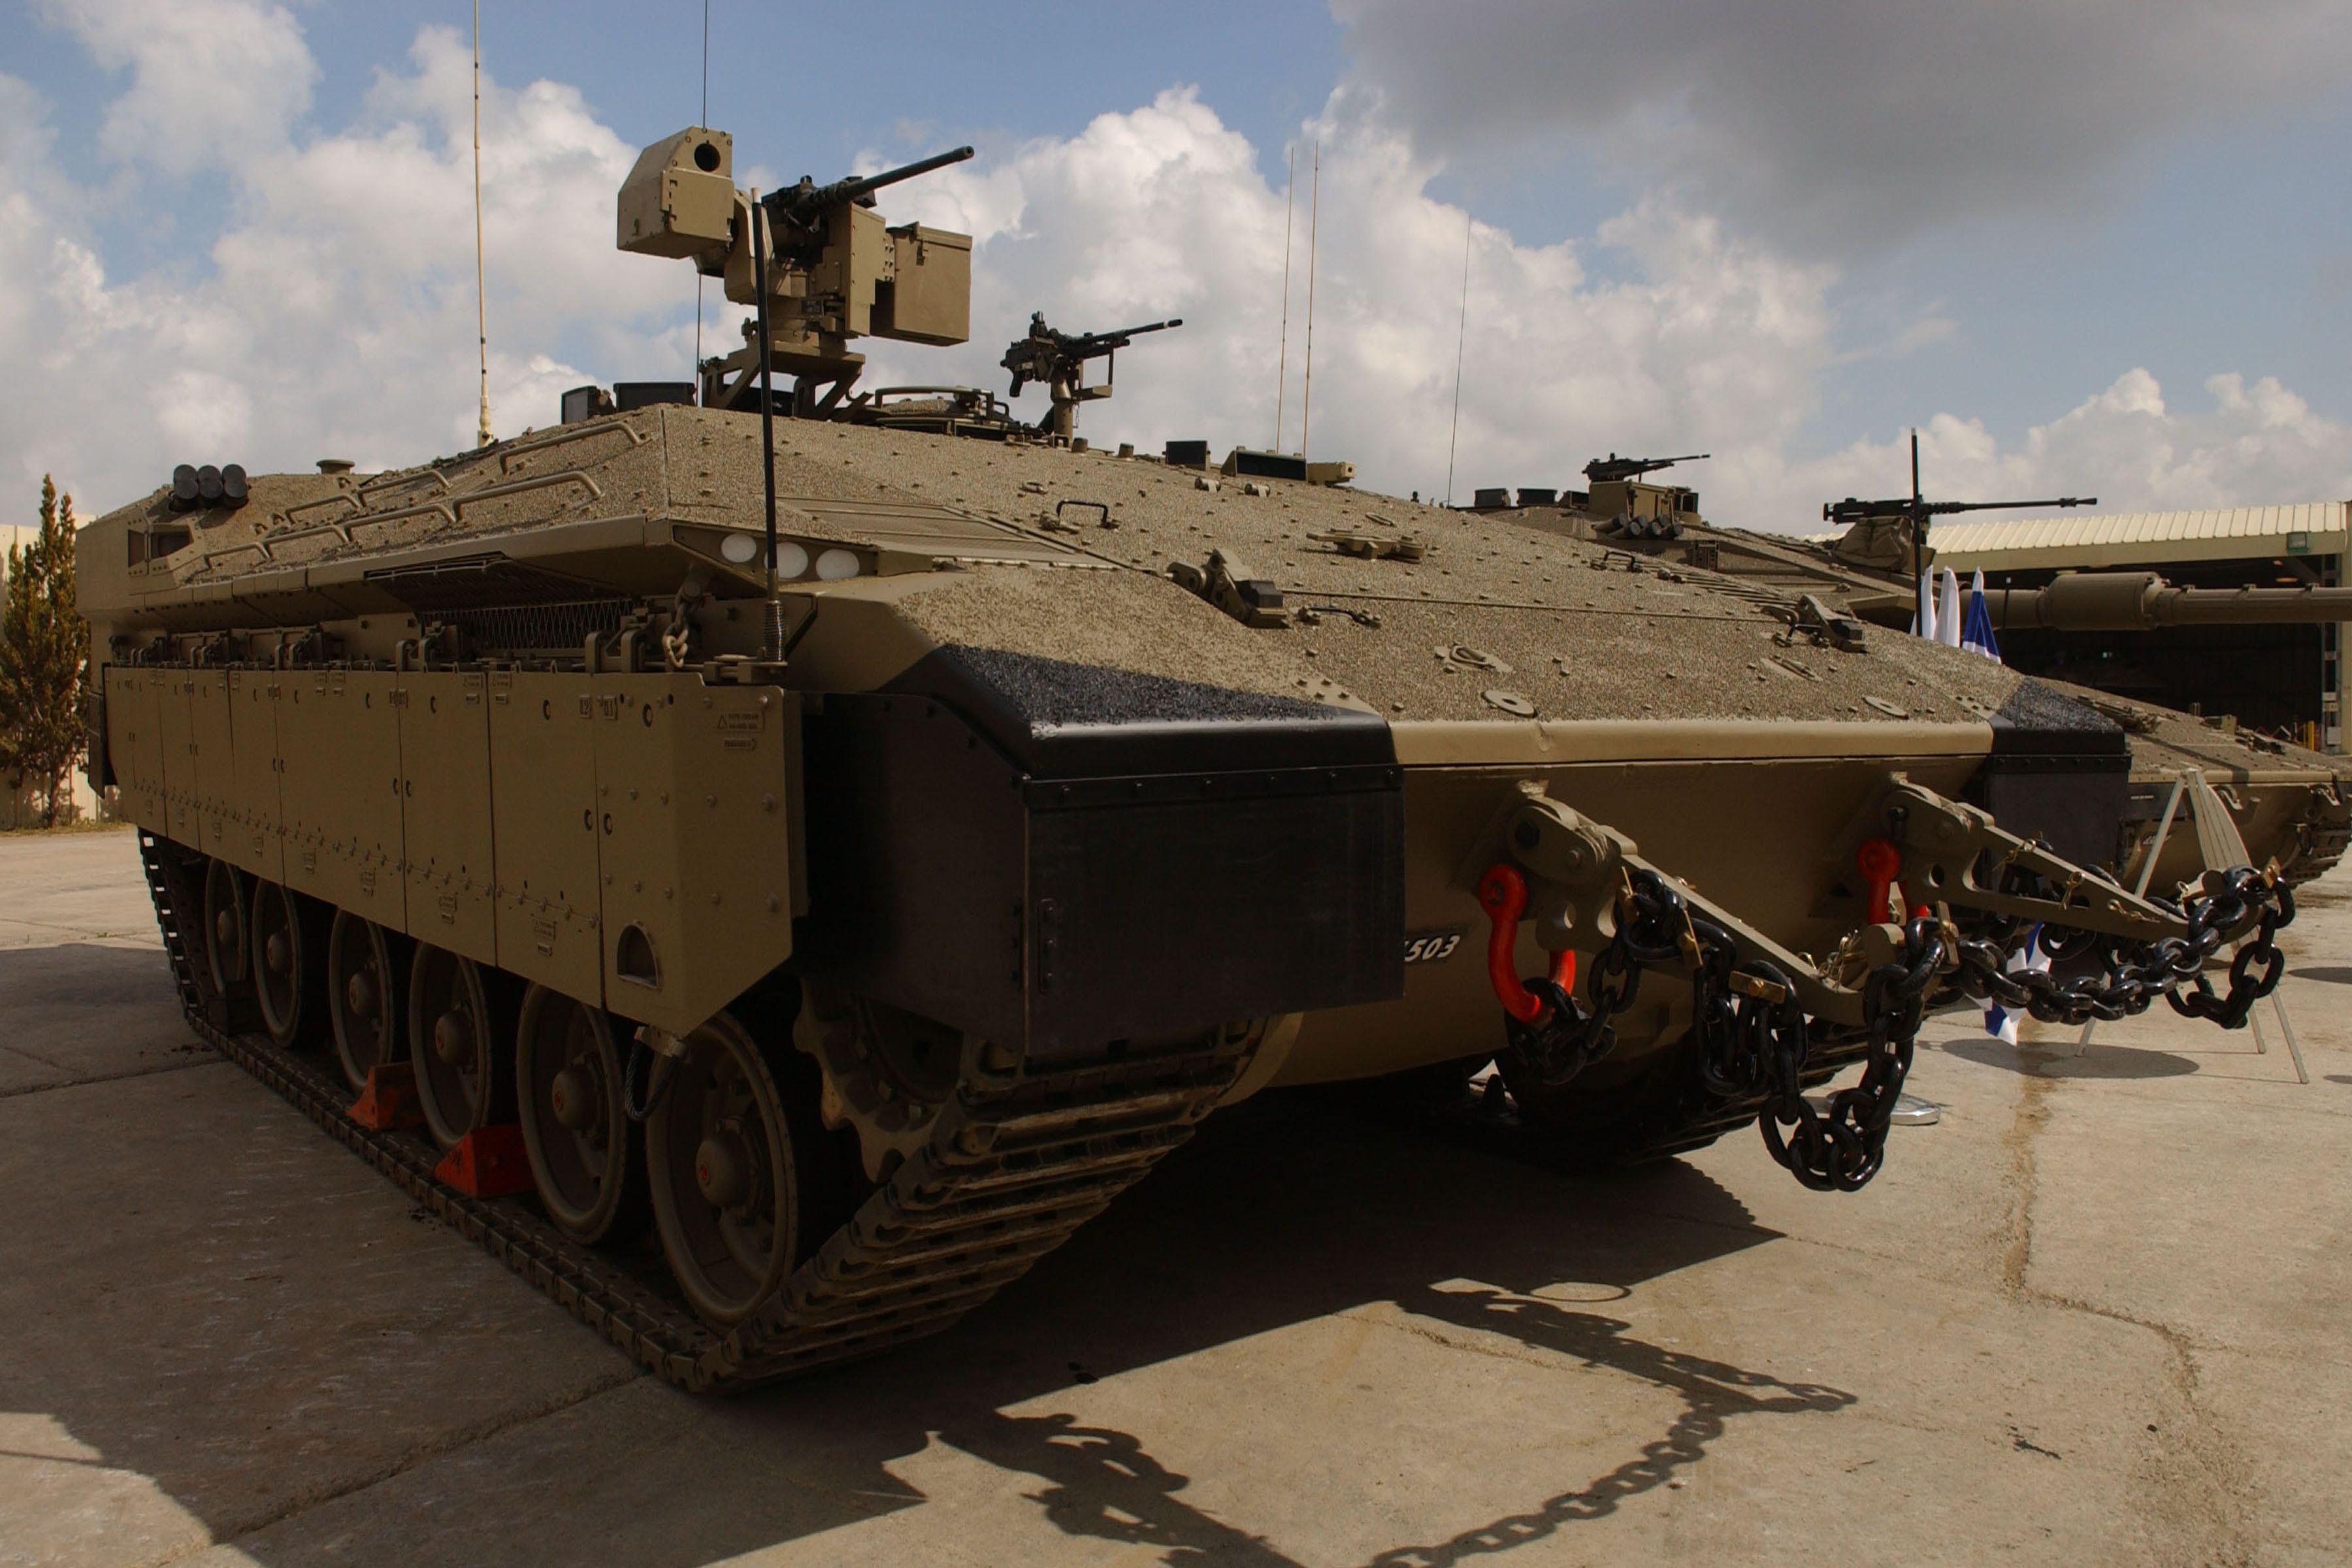 Ejército israelí presenta nueva generación de APC